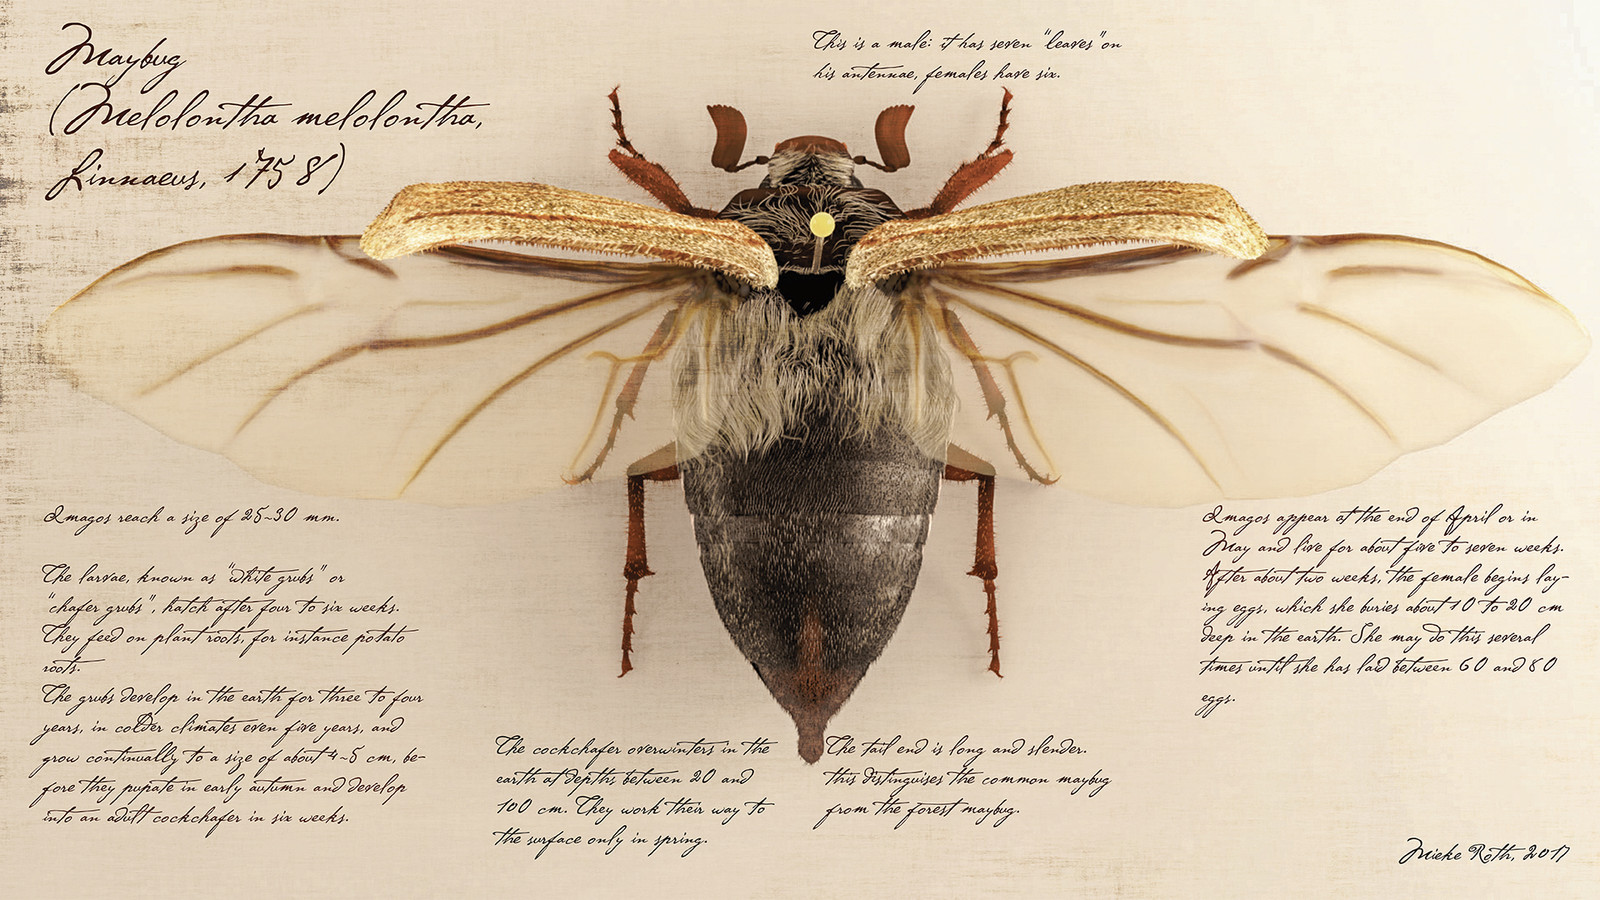 Maybug (Melolontha melolontha)